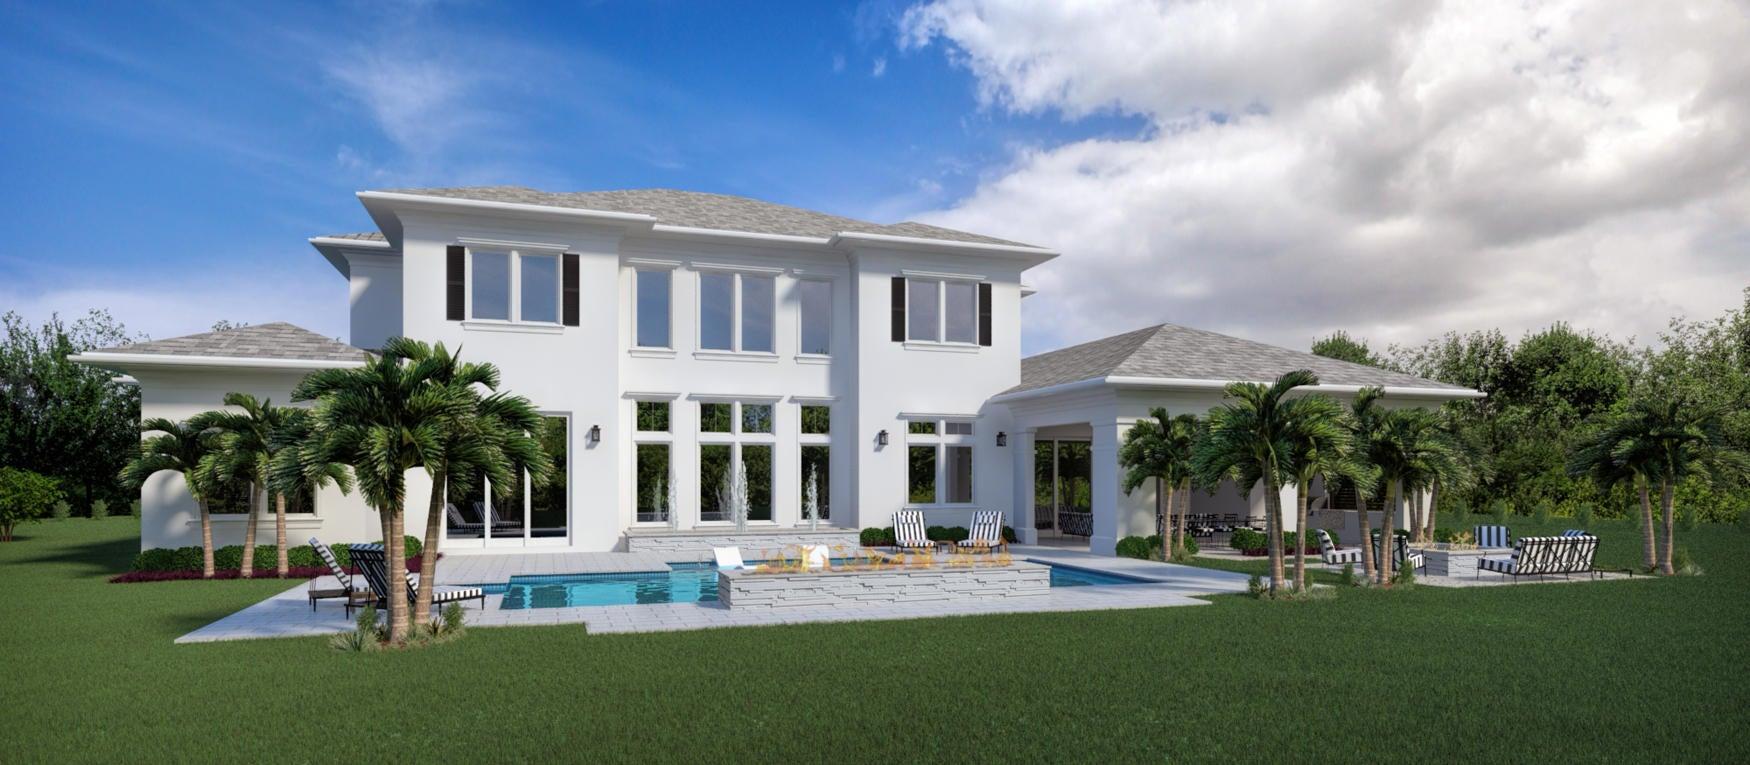 8056 Native Dancer Road E, Palm Beach Gardens, FL 33408